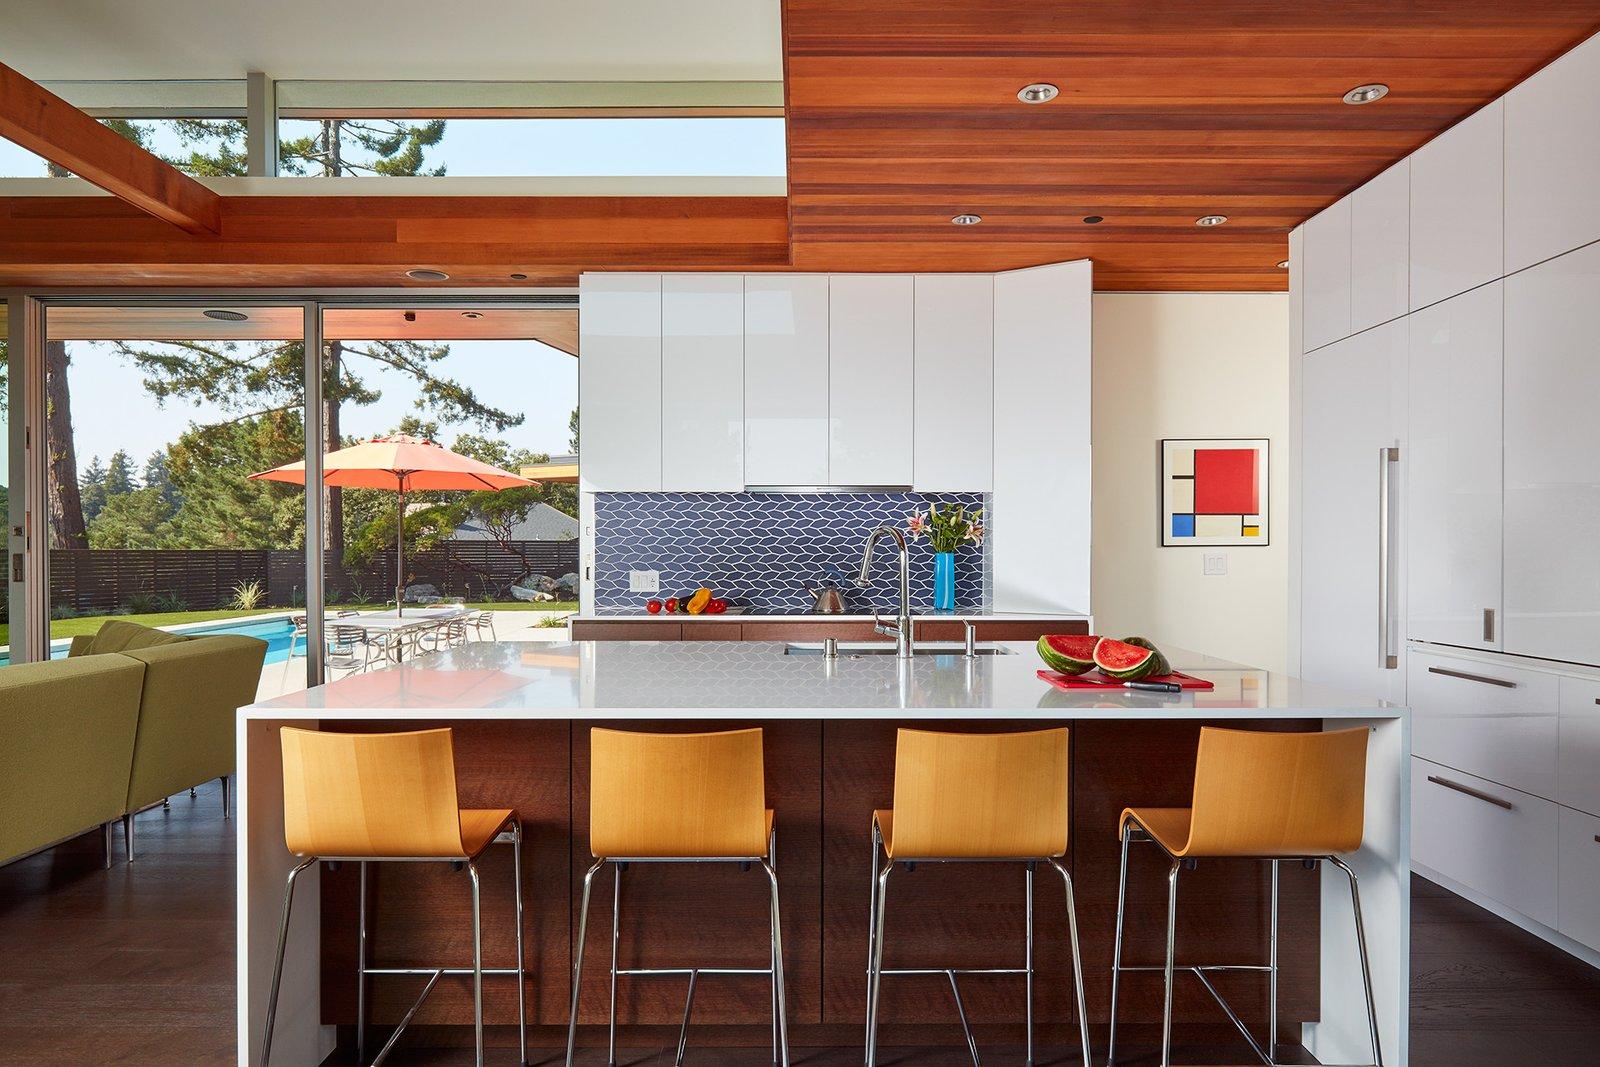 Swatt/Miers_Cheng-Reinganum Kitchen